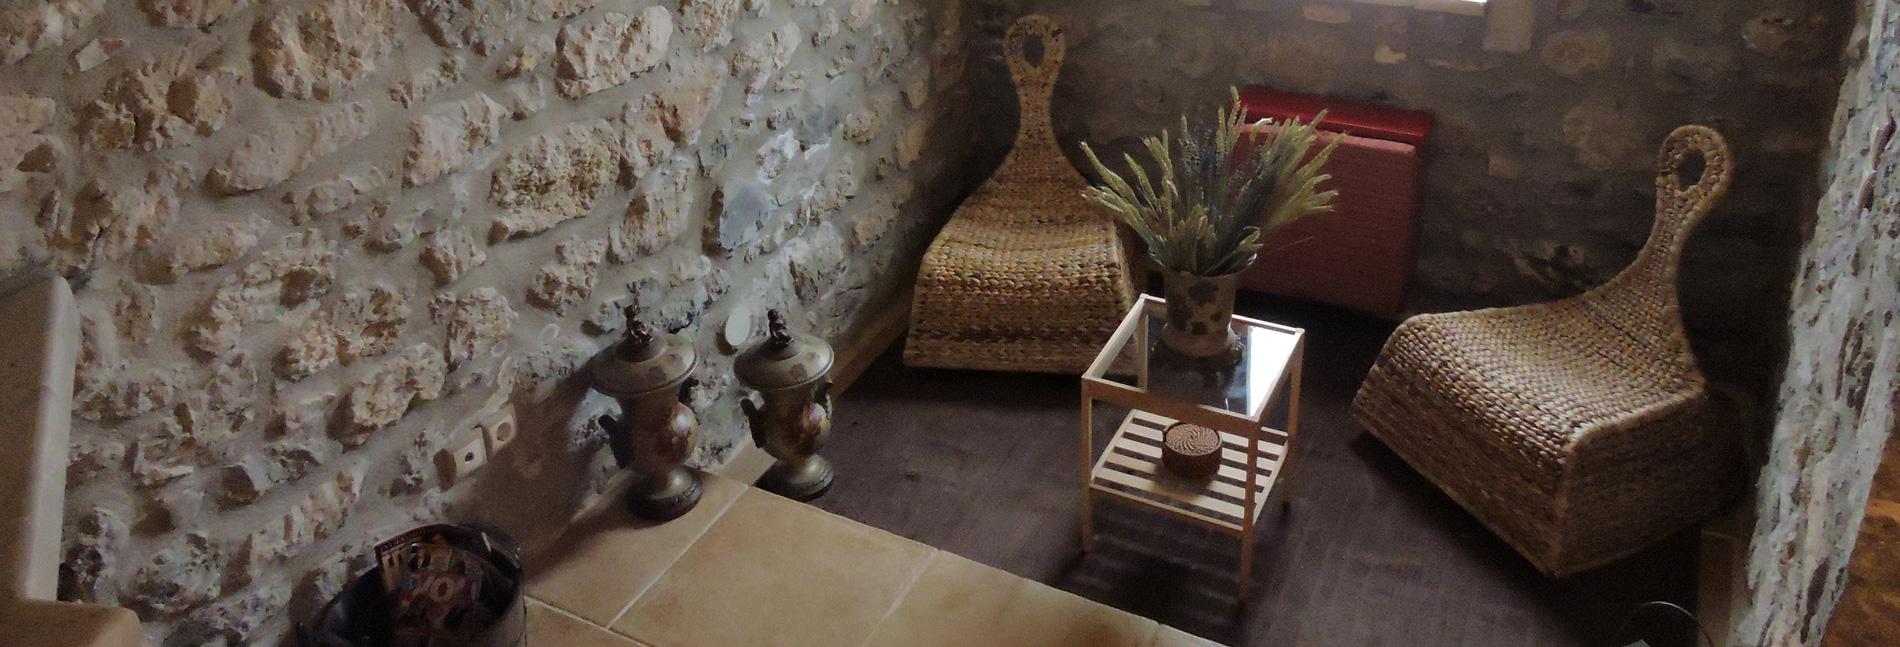 Indoor Places